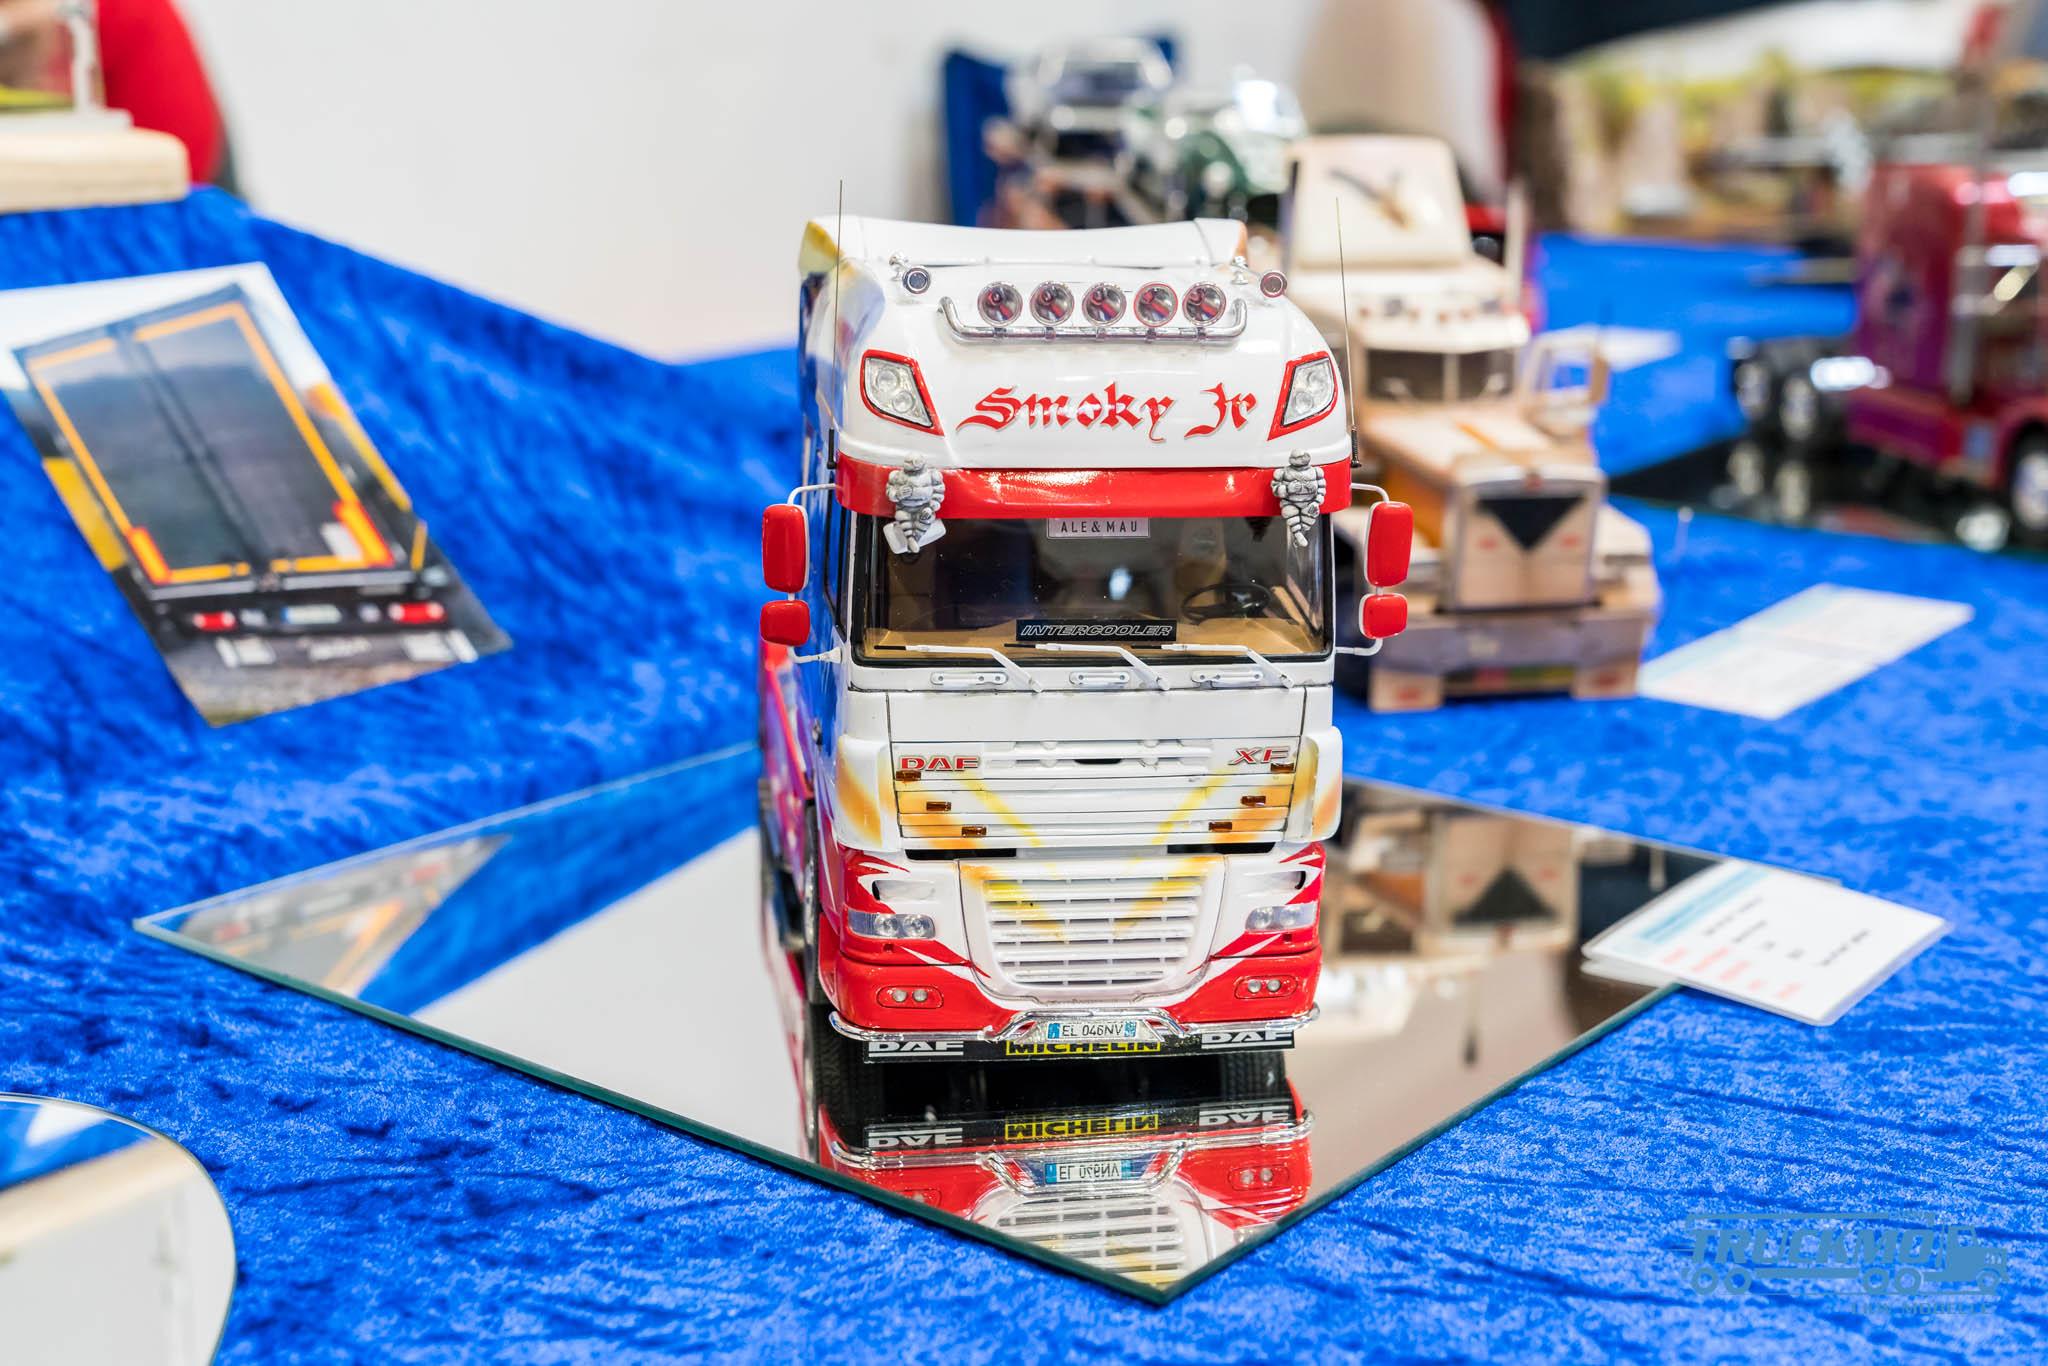 Truckmo_Modellbau_Ried_2017_Herpa_Messe_Modellbauausstellung (512 von 1177)